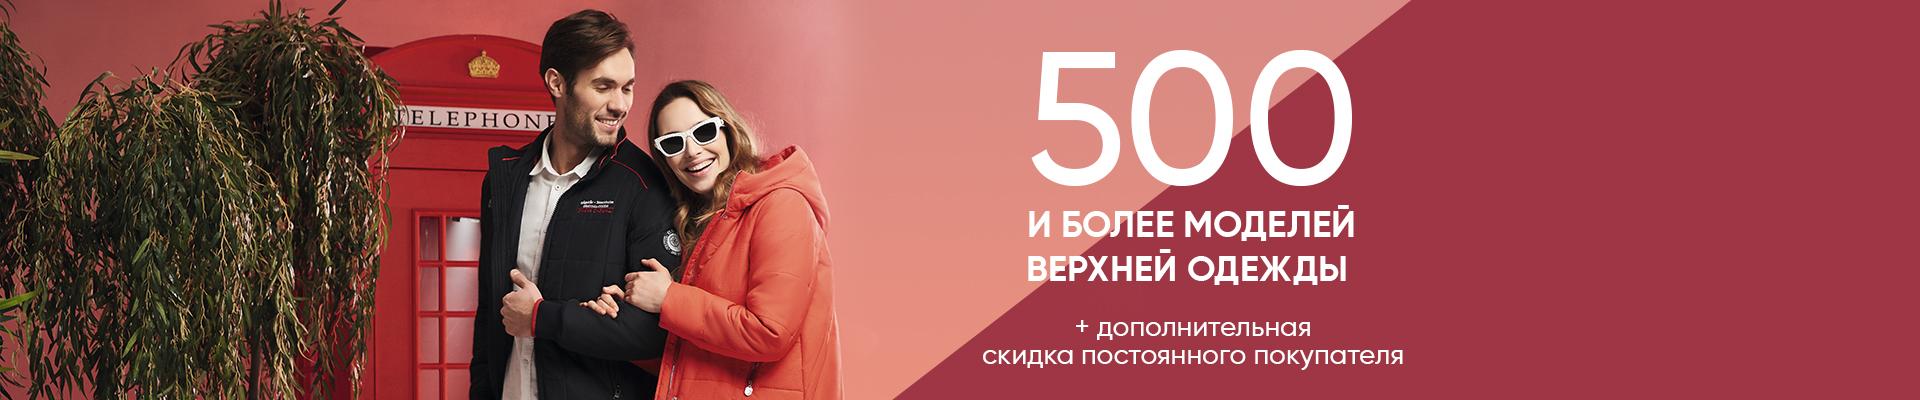 500 моделей